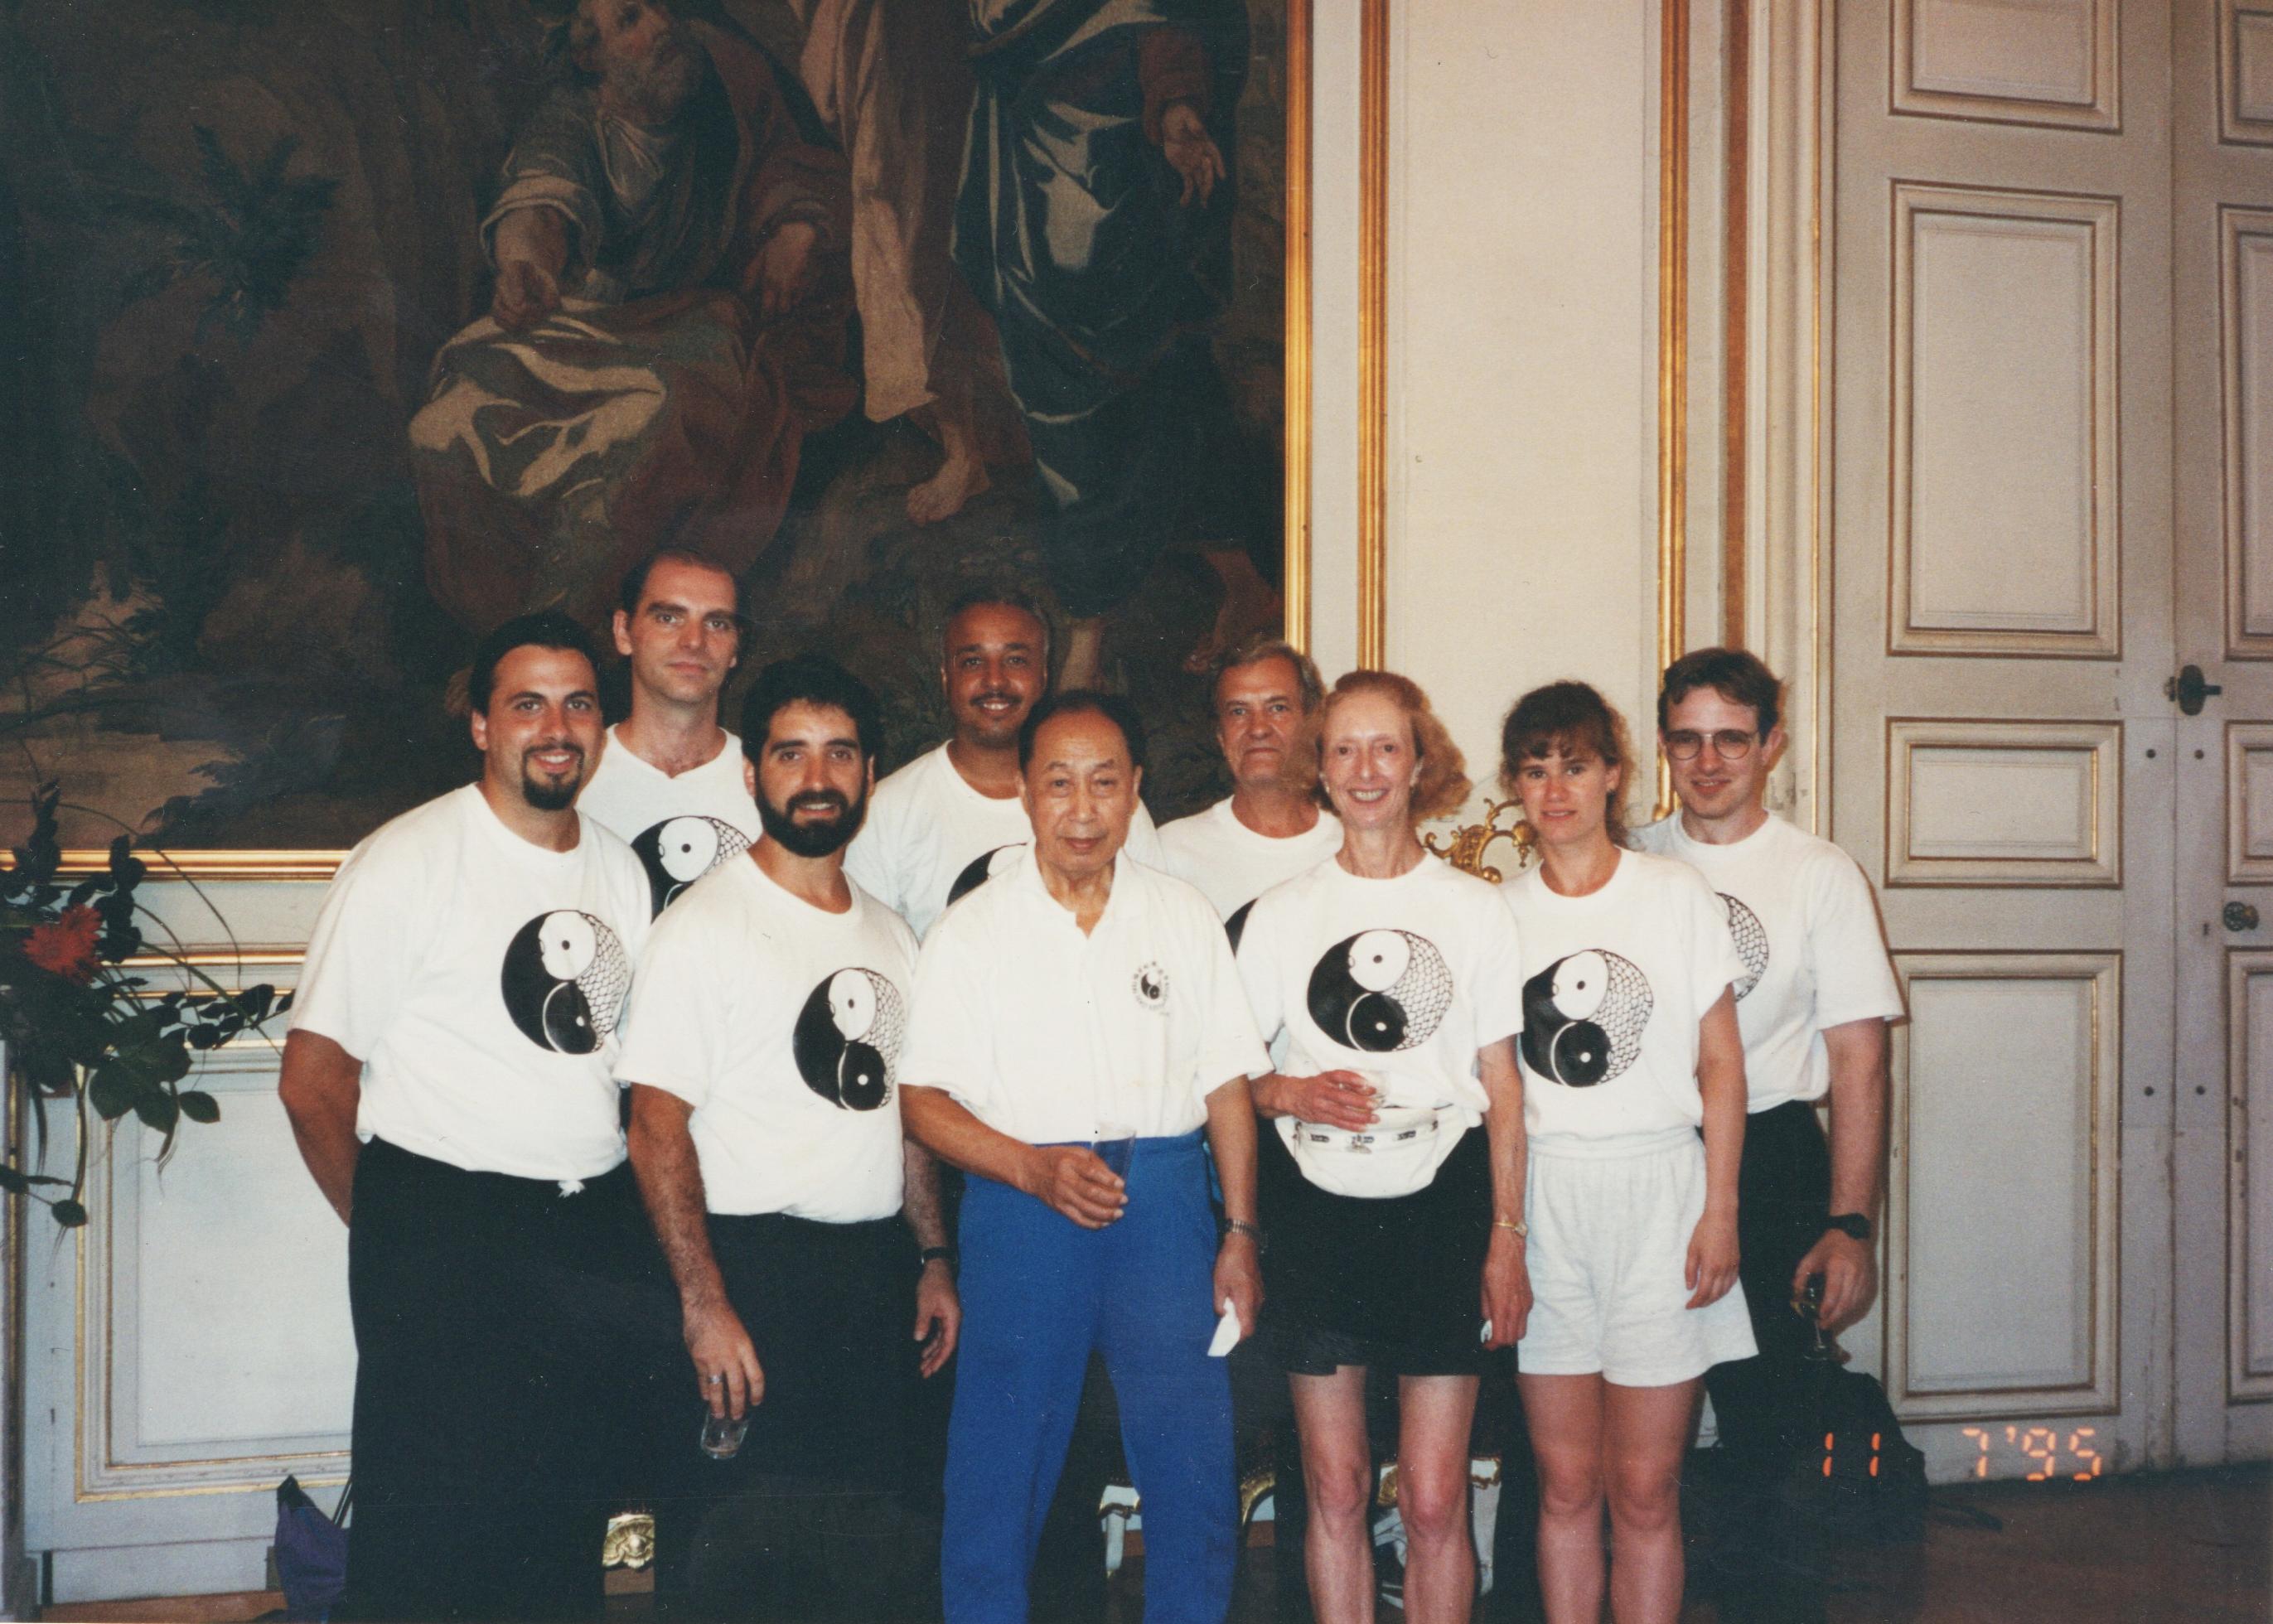 Strasbourg Taiji Group with WYN v2